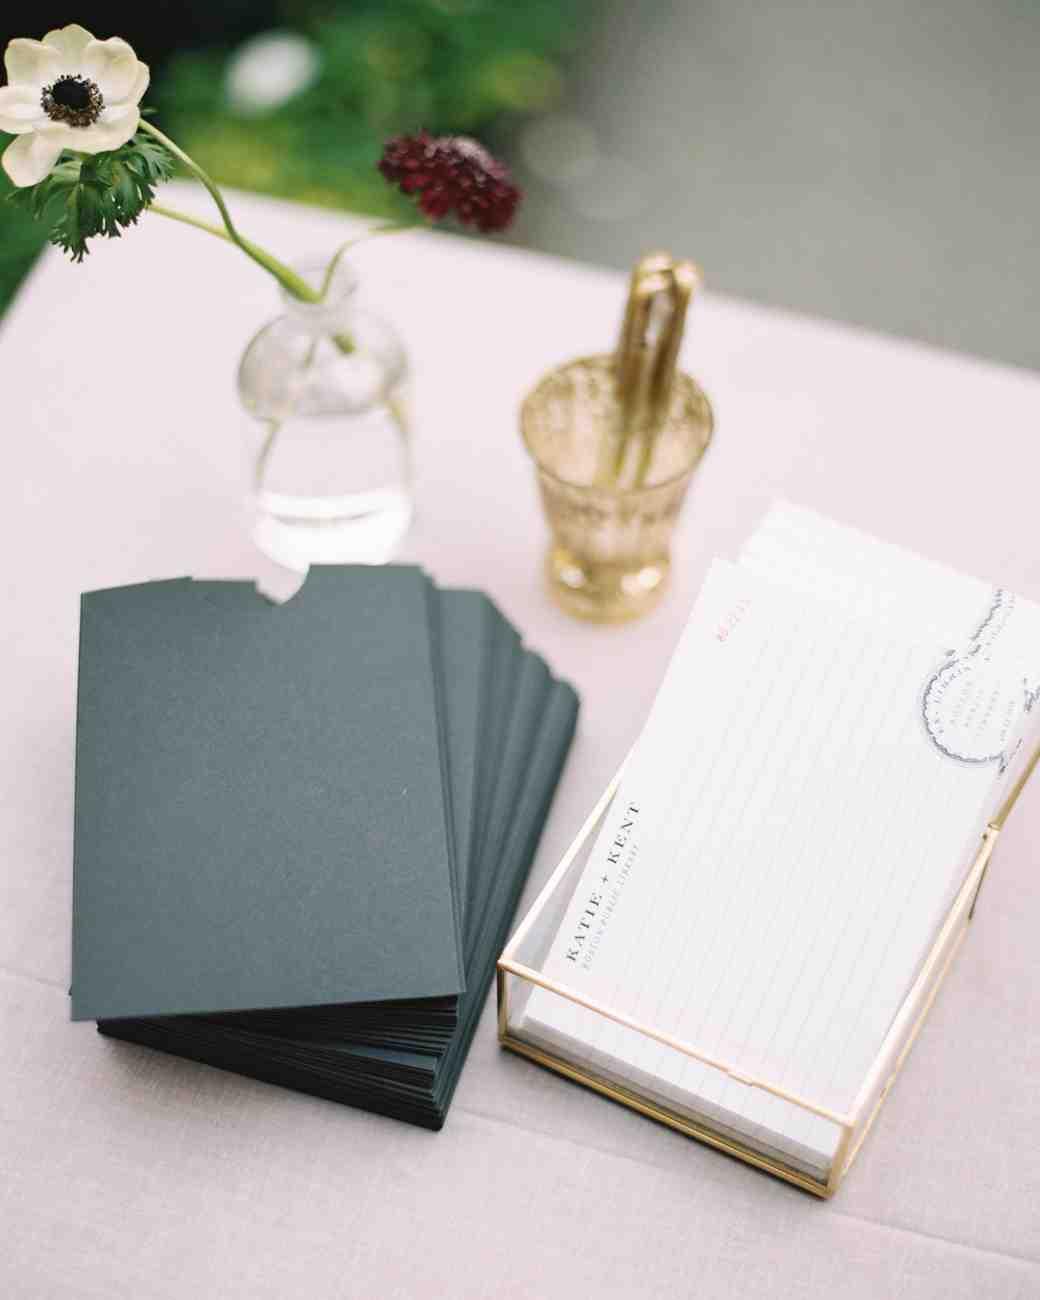 katie-kent-wedding-cards-025-s112765-0316.jpg